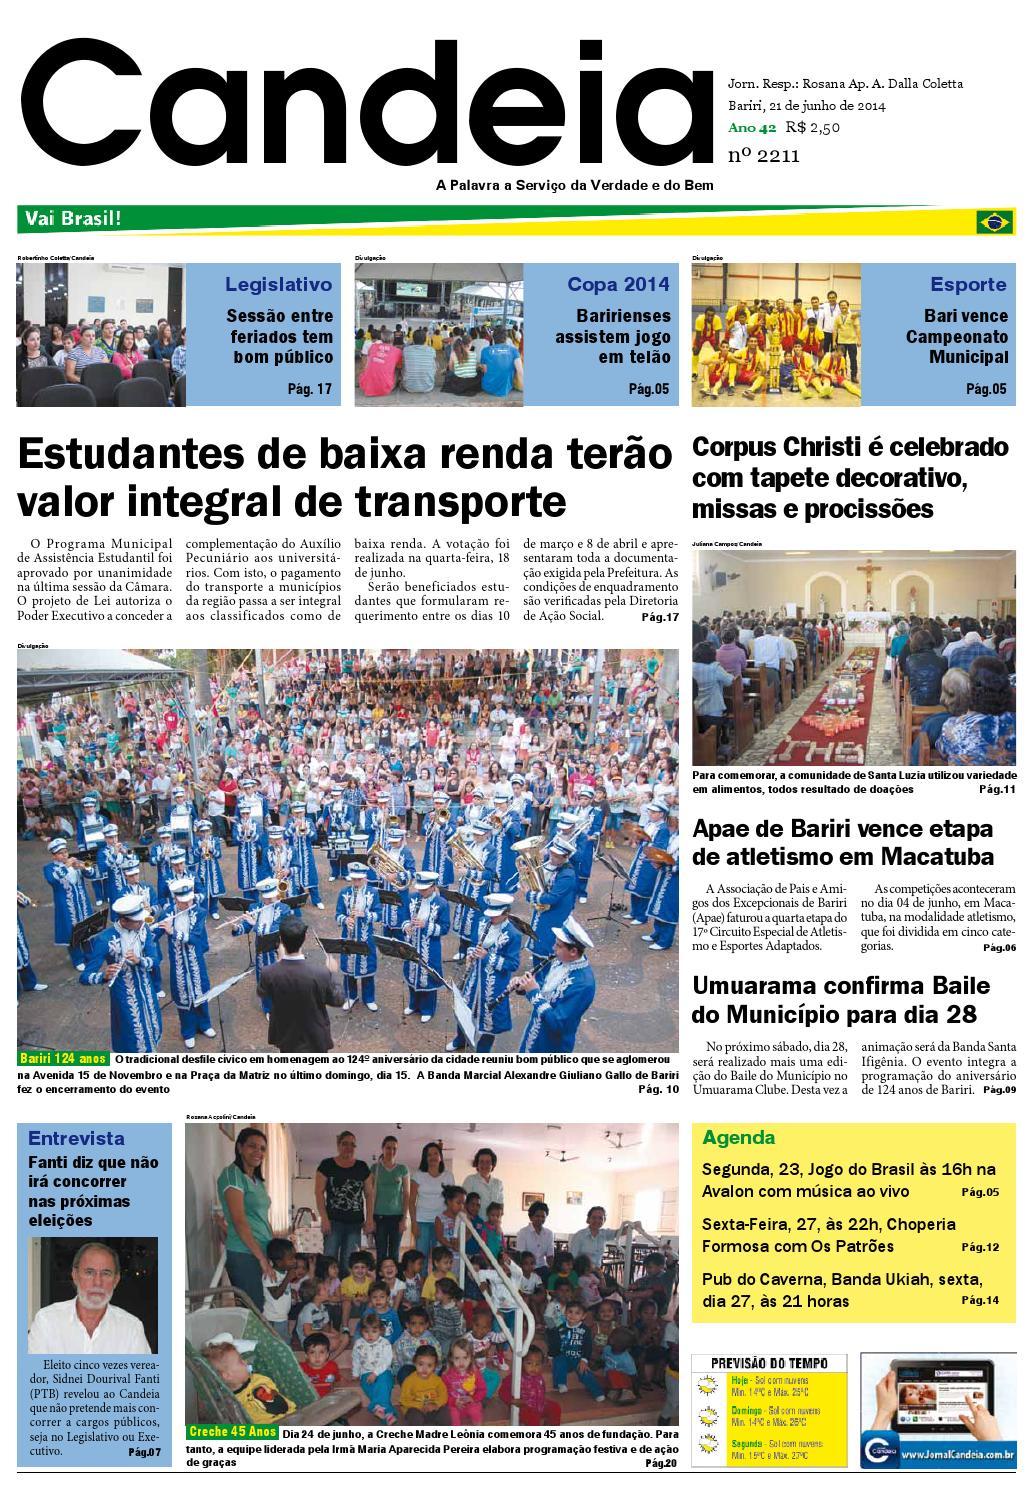 Jornal candeia 21 06 2014 by Jornal Candeia - issuu 0fcf75a7ea507